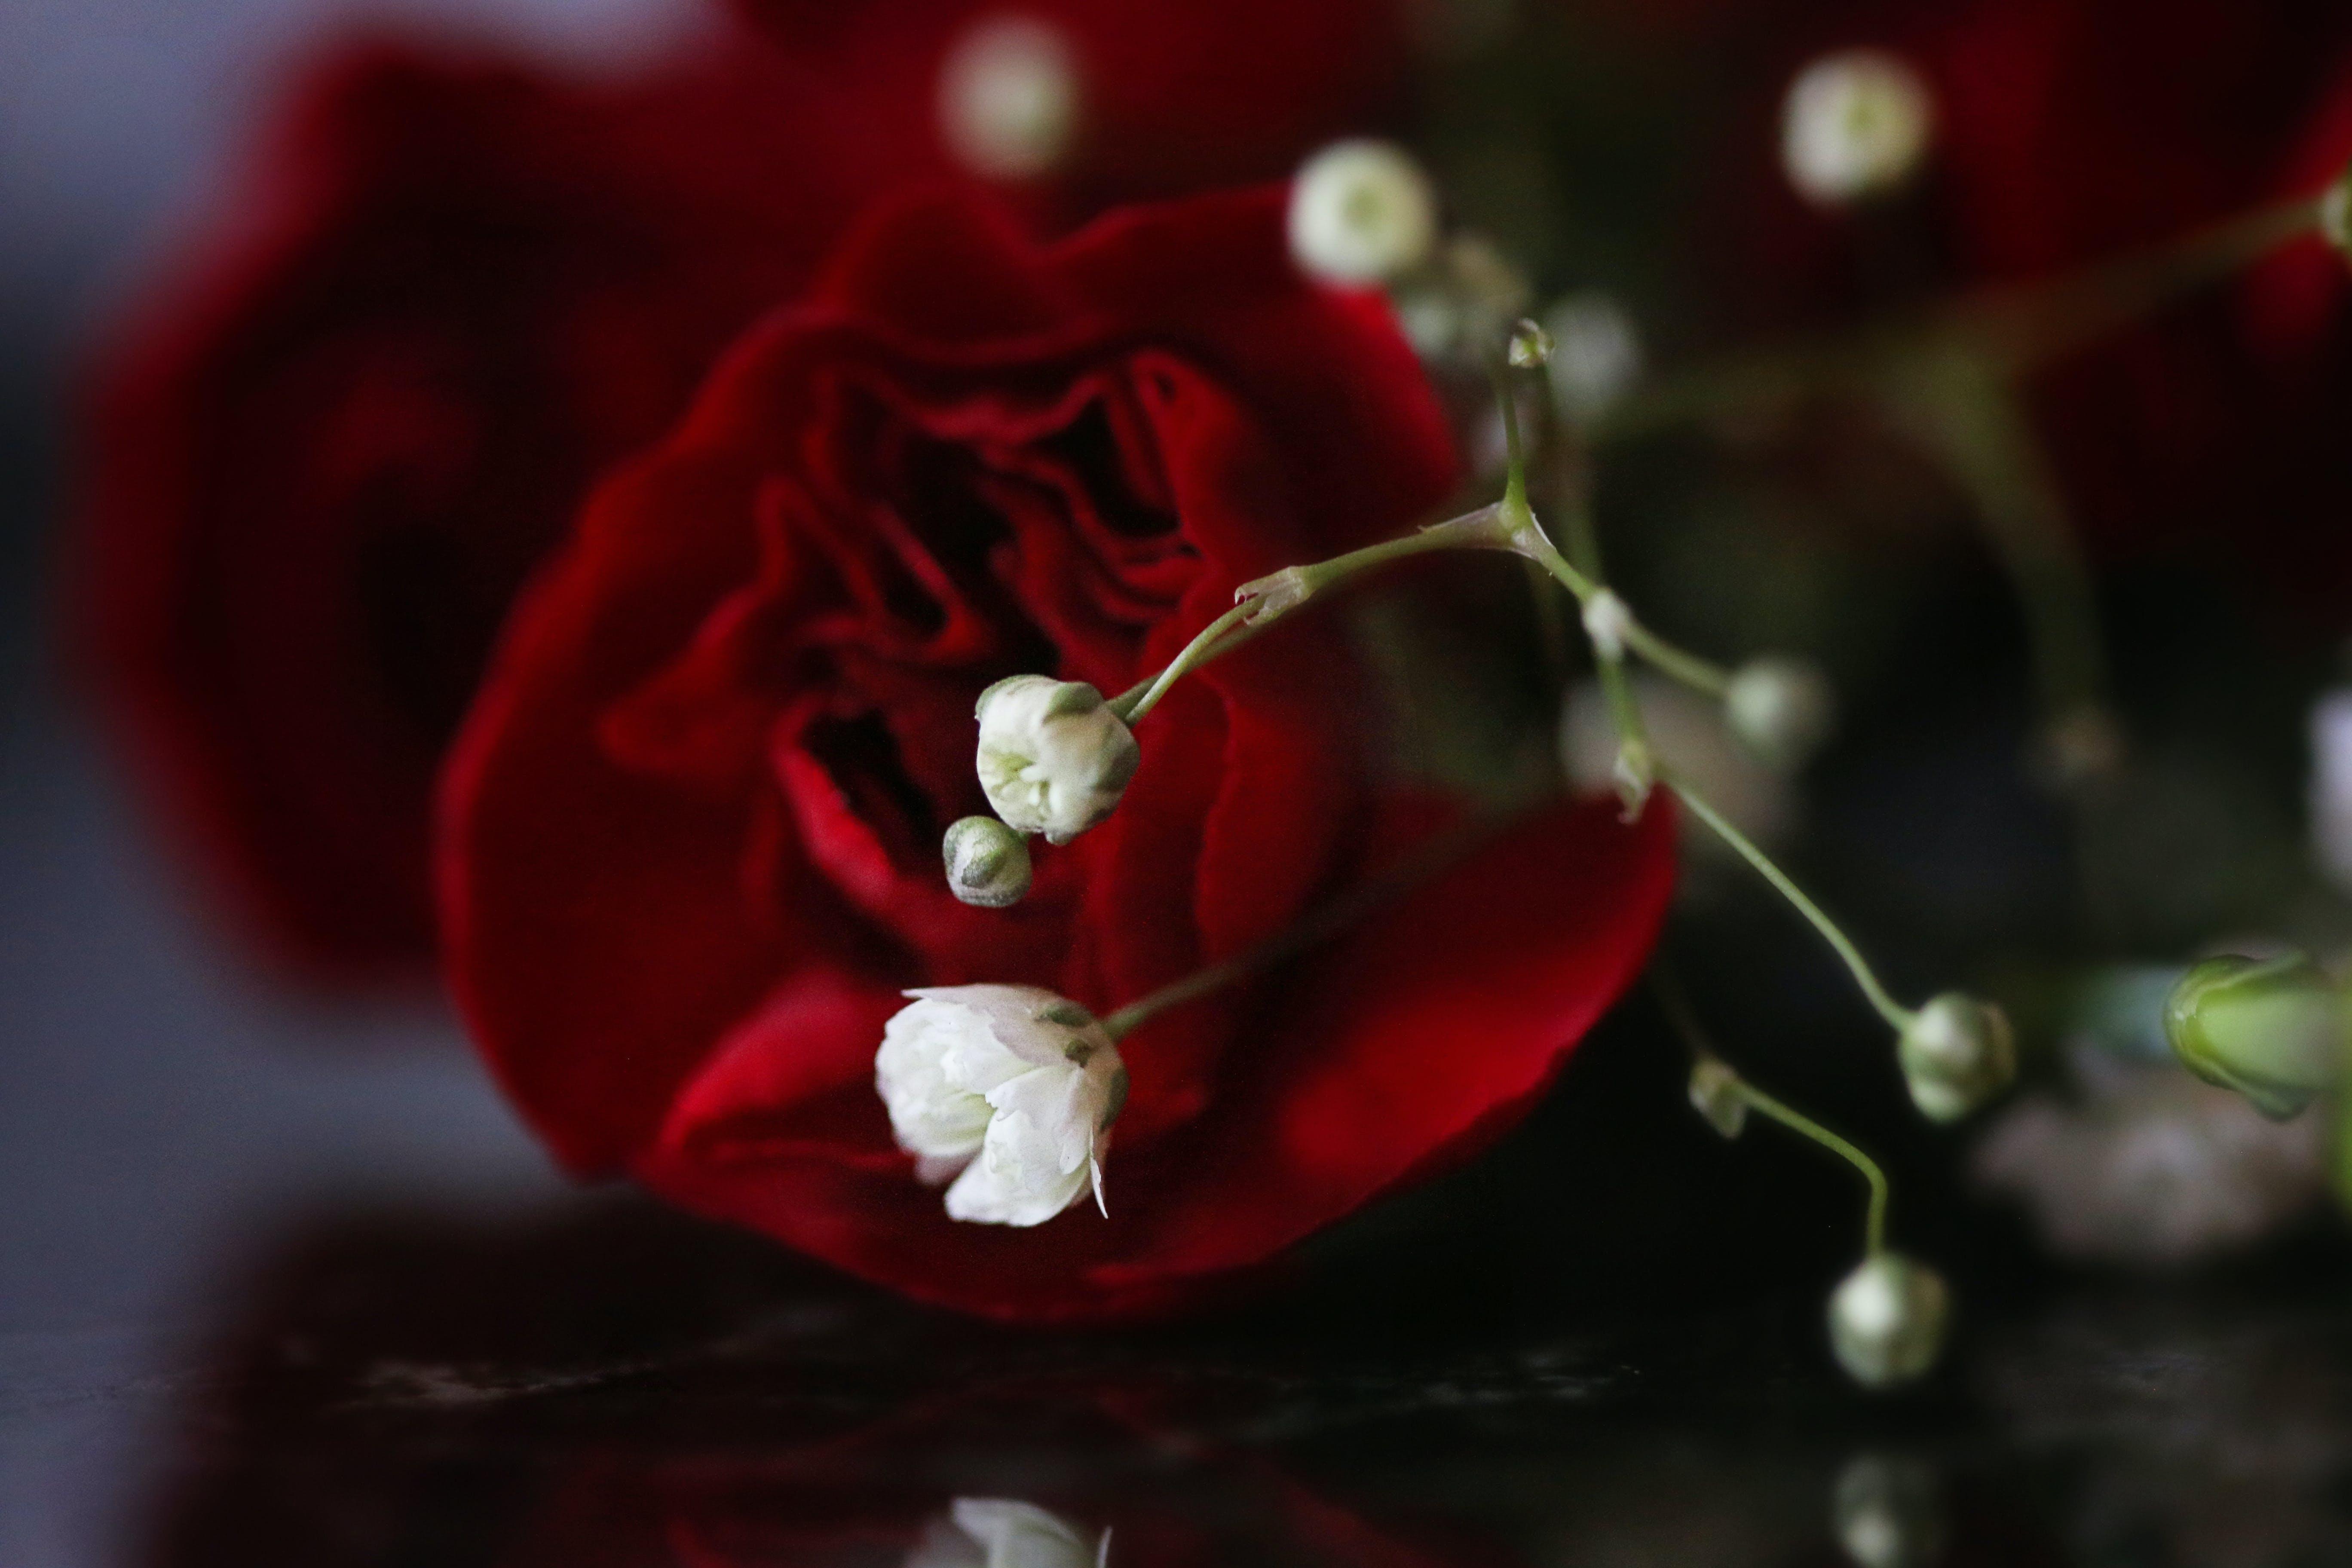 Δωρεάν στοκ φωτογραφιών με ανθίζω, άνθος, γκρο πλαν, λουλούδια